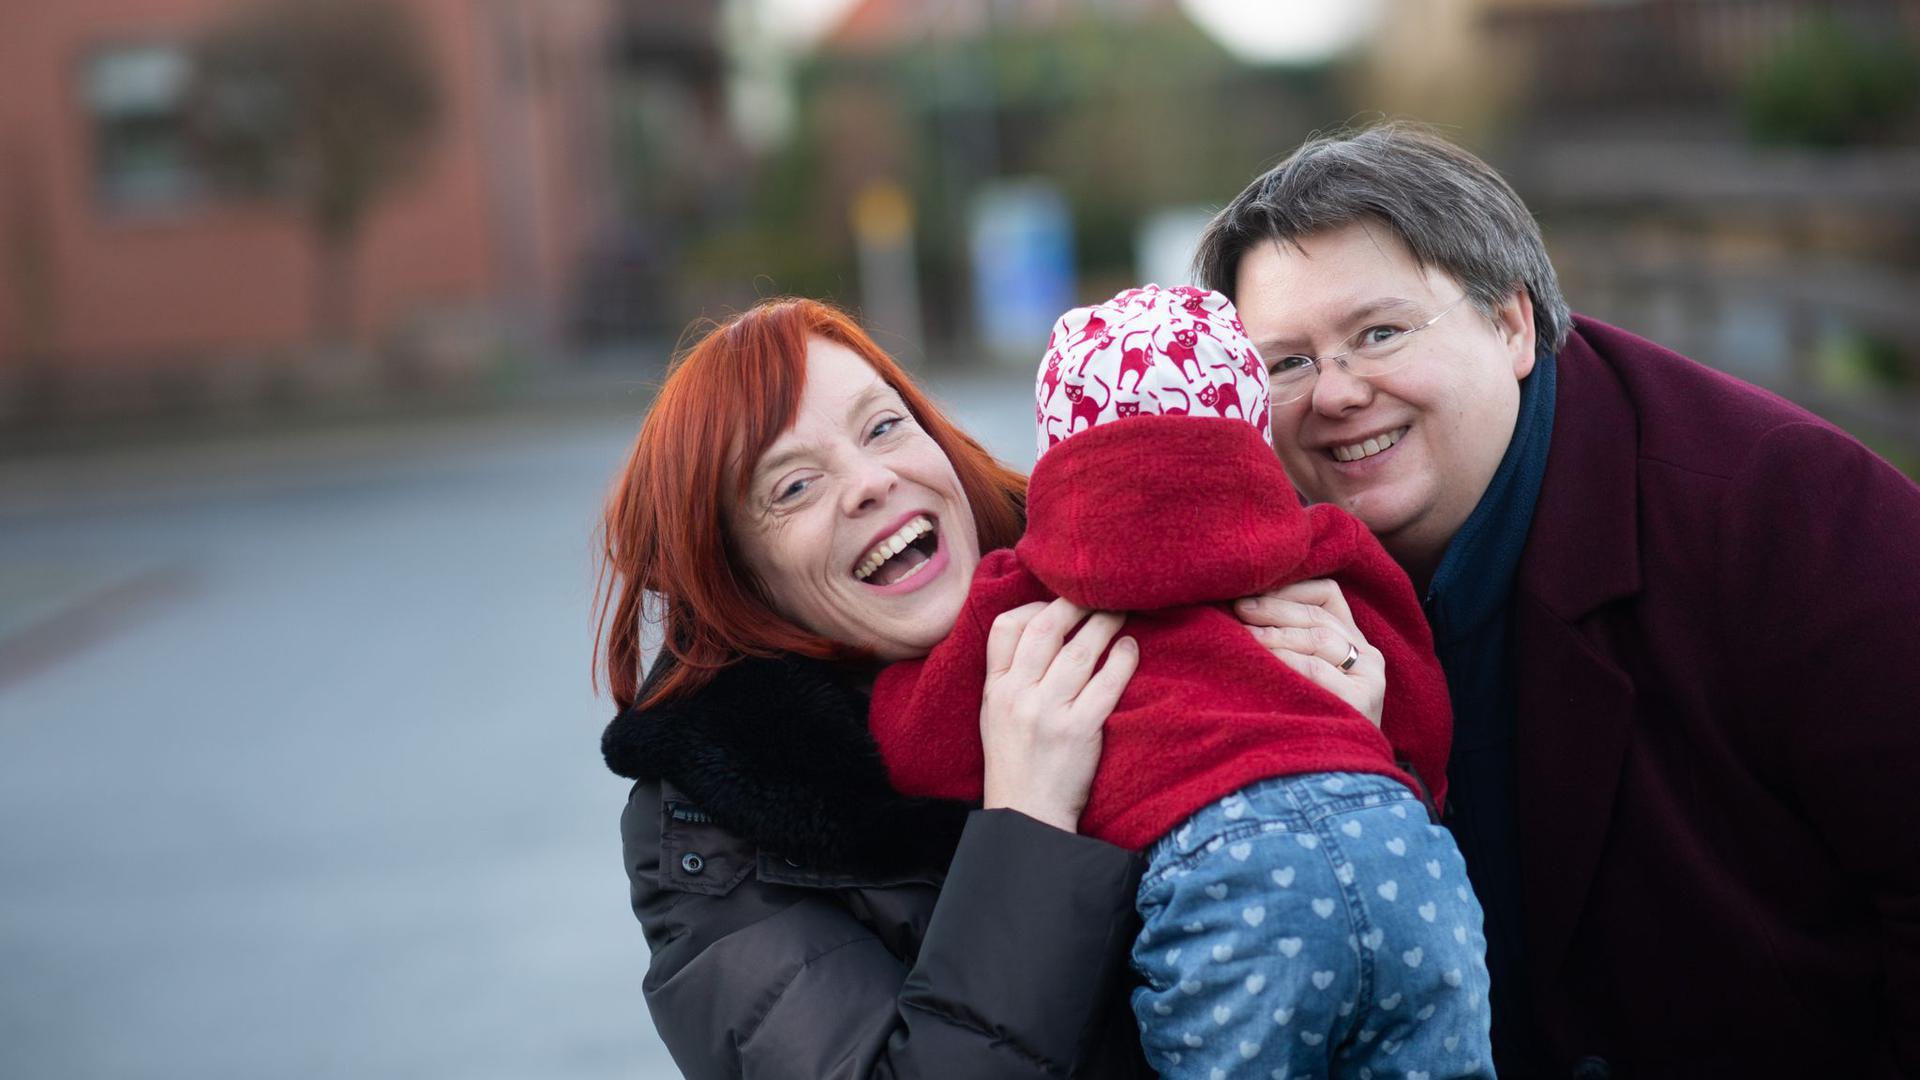 Gesa Teichert-Akkermann (l) und Verena Akkermann mit ihrer Tochter Paula (11 Monate alt). Familie Akkermann will über Familiengerichte eine Gleichstellung mit heterosexuellen Paaren bei der Elternschaft erreichen.